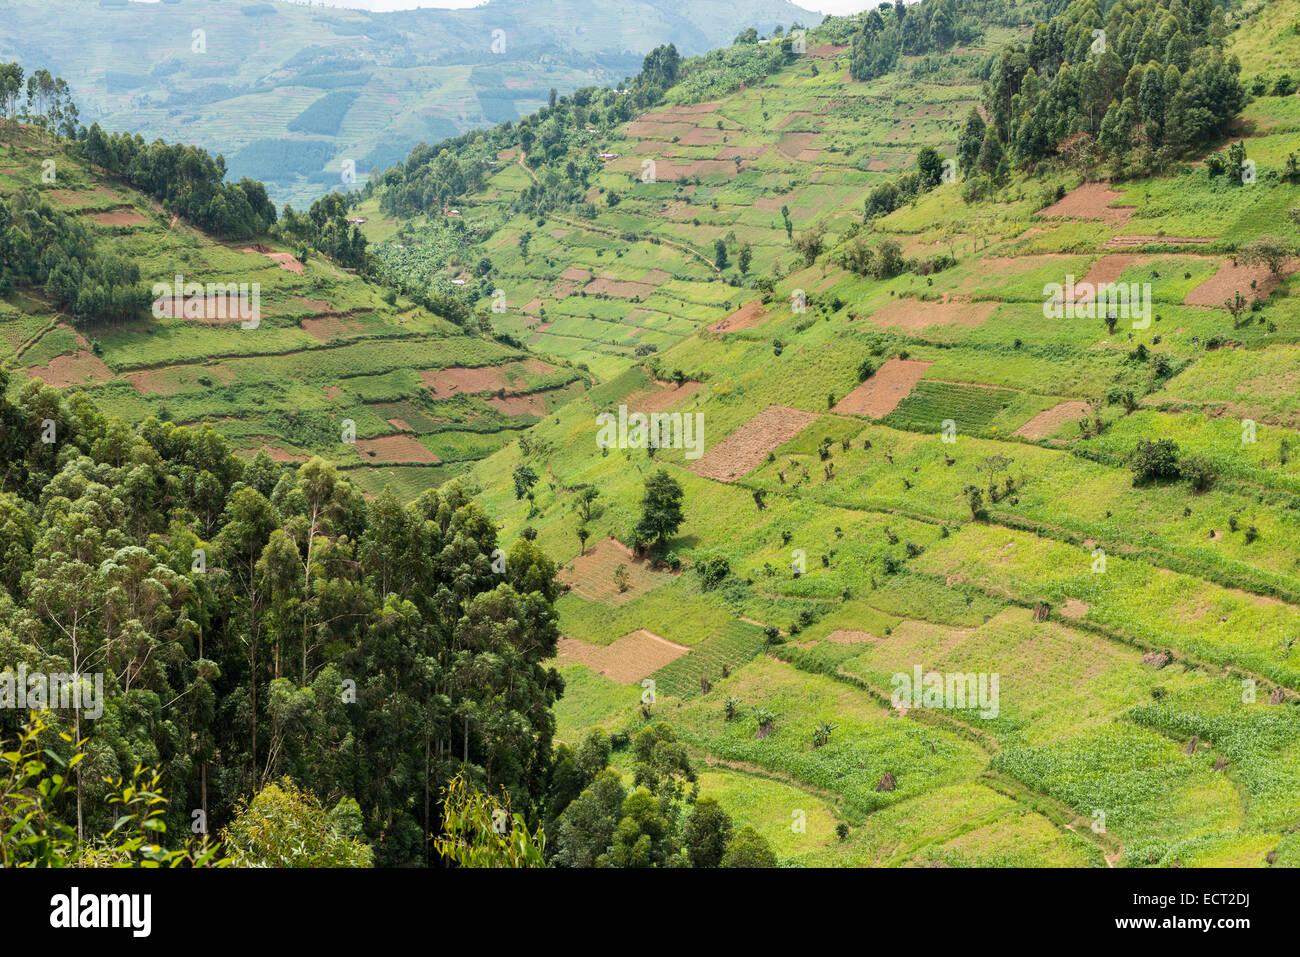 Les champs cultivés sur des pentes, de l'Ouganda Photo Stock